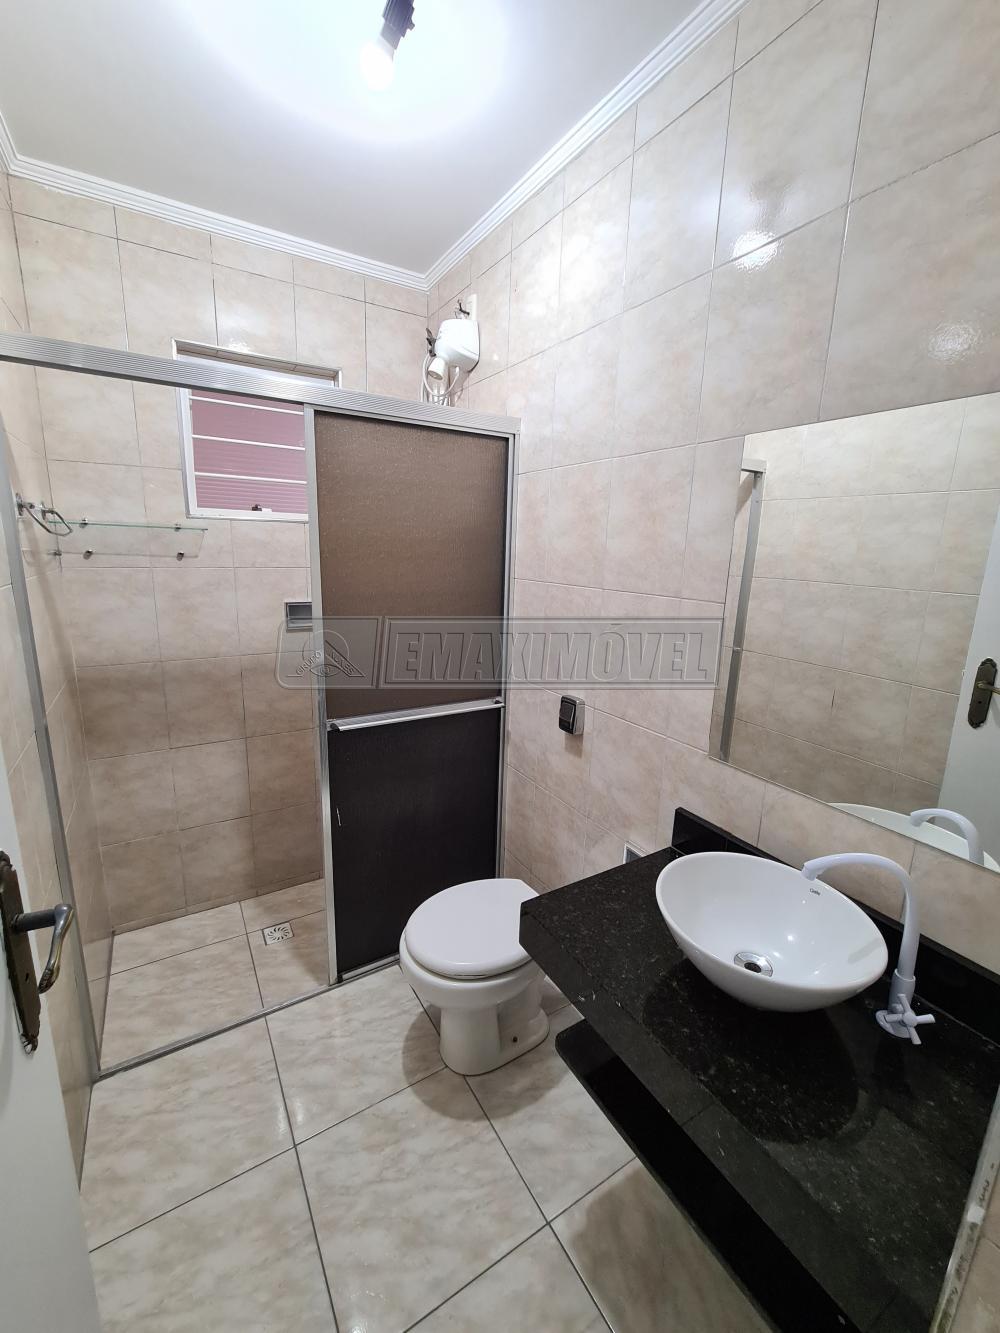 Alugar Casas / em Bairros em Sorocaba R$ 1.100,00 - Foto 7